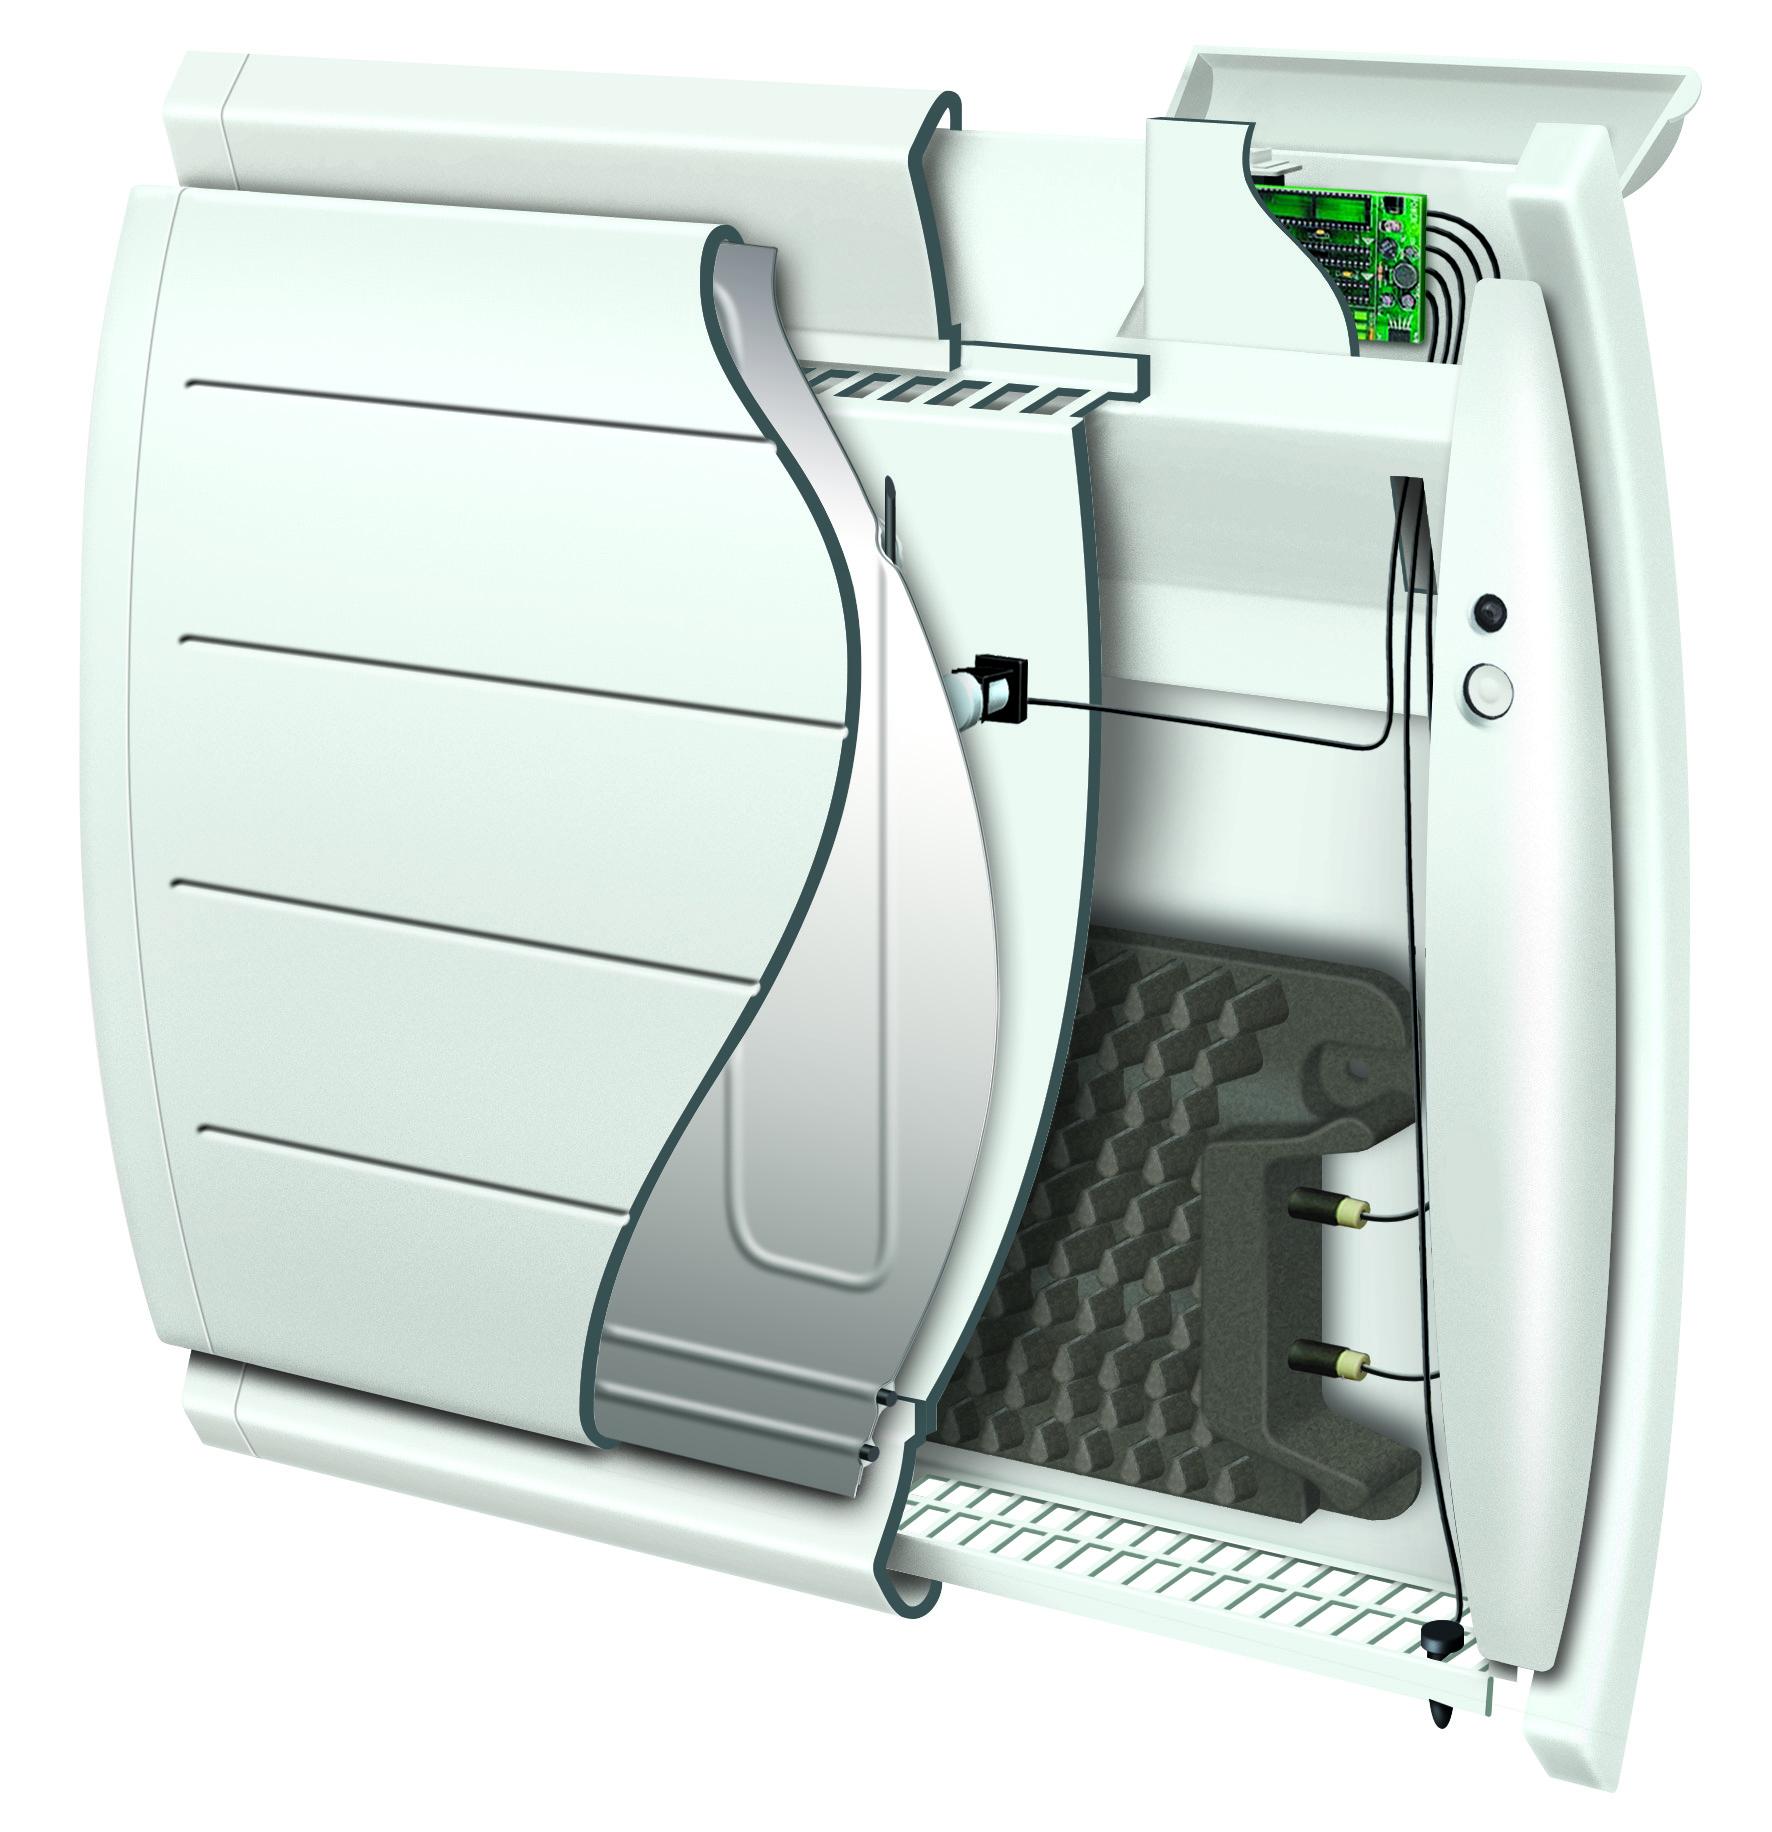 Retrouvez cette technologie fonte + façade chauffante sur les radiateurs Chaleur douce à inertie ALIPSIS sweetcontrol et MARADJA pilotage intelligent